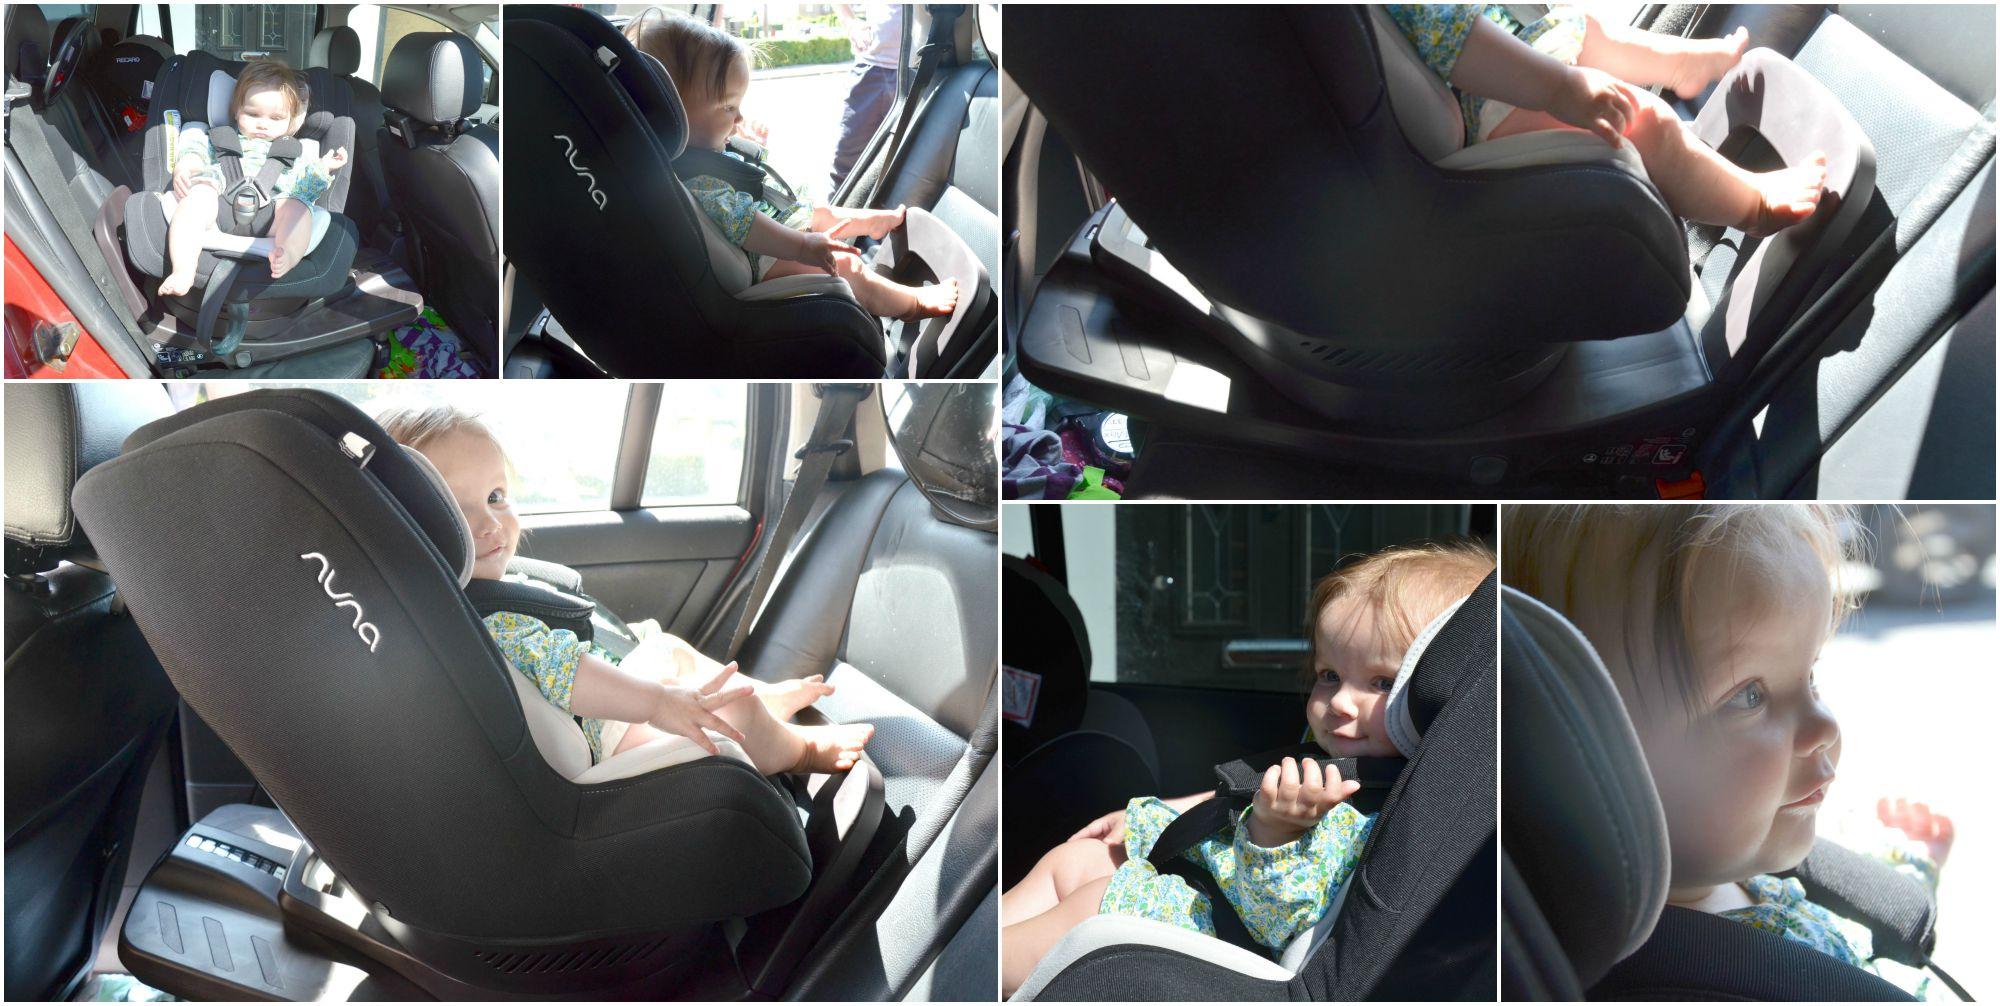 nuna rebl in car